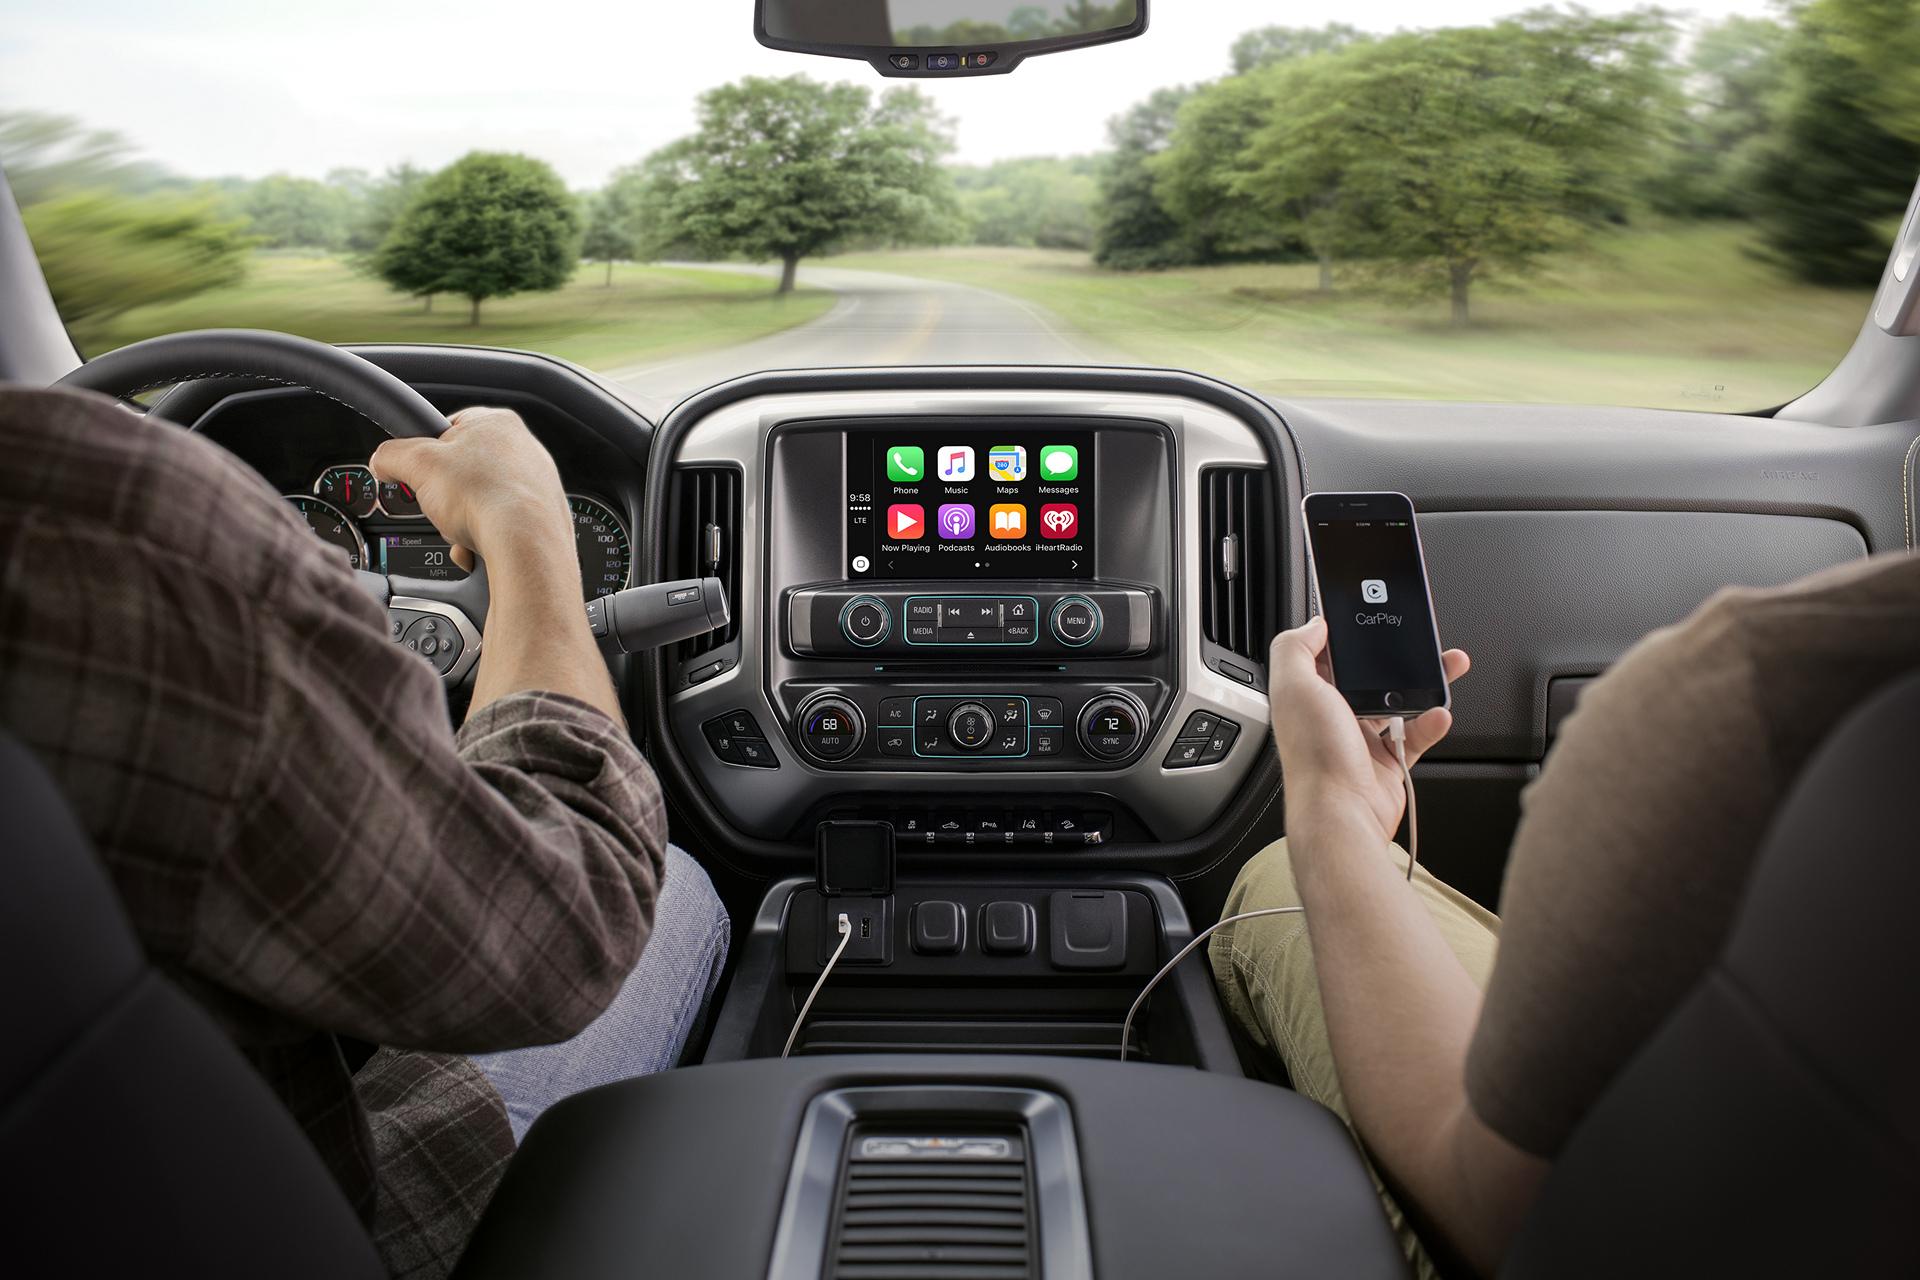 2016 Chevrolet Silverado 2500 HD © General Motors